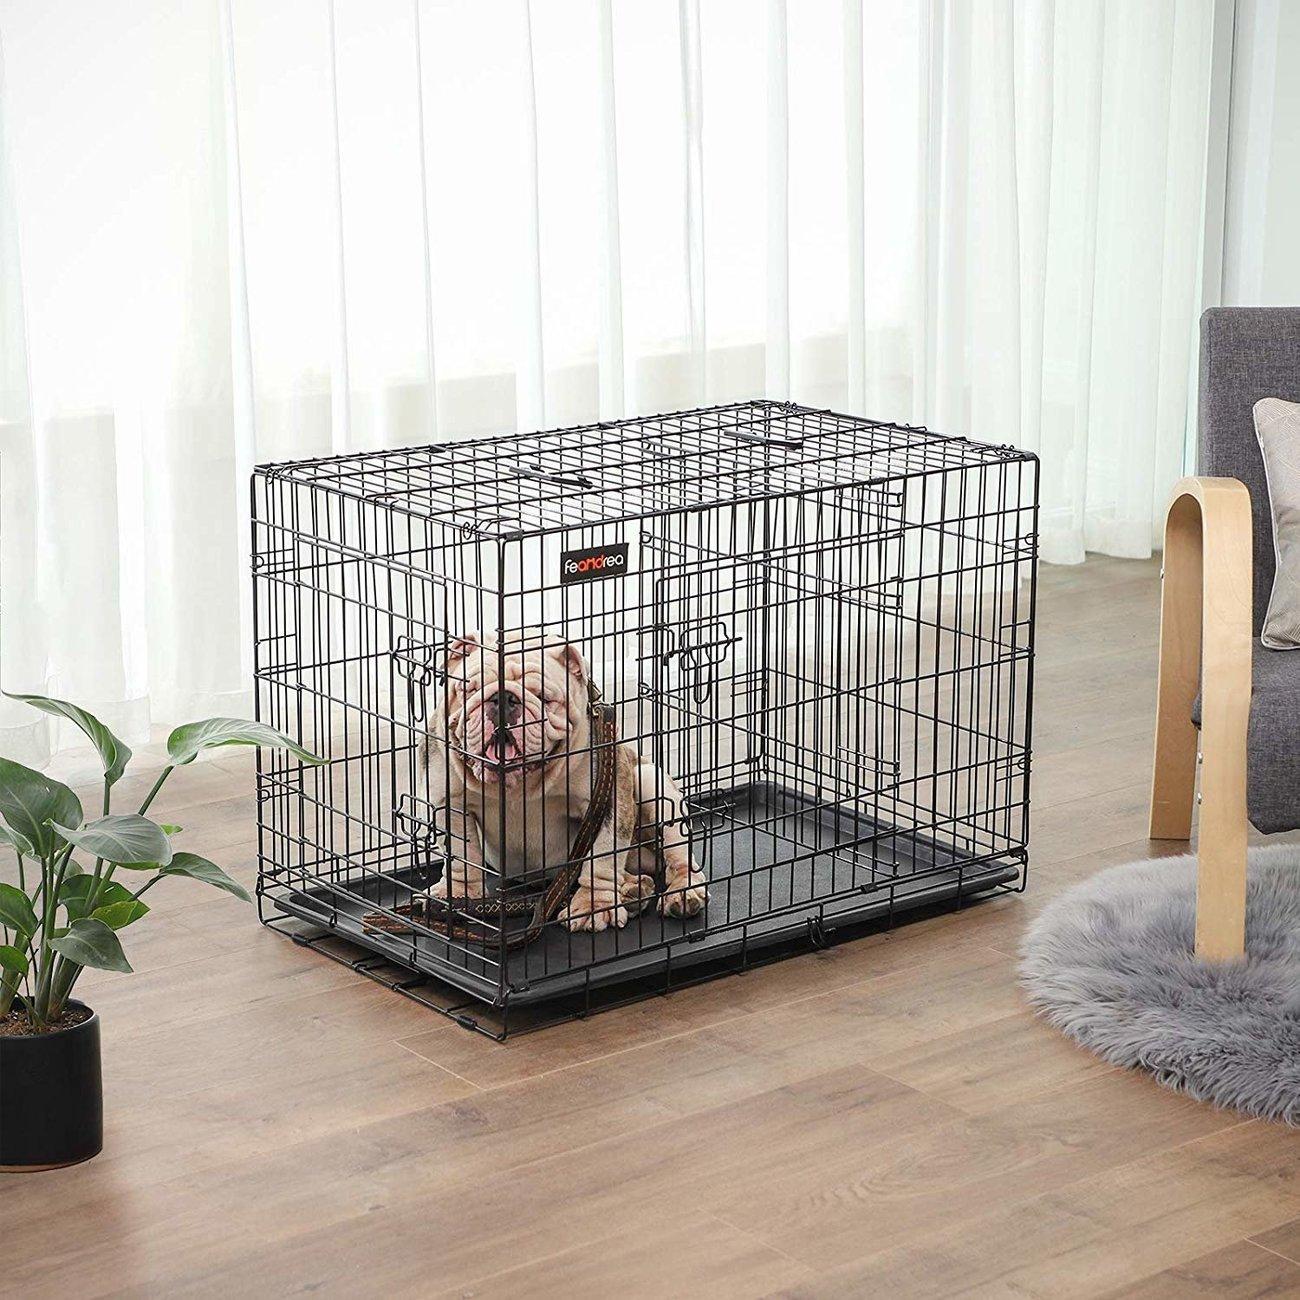 FEANDREA Hundekäfig, Hundebox mit Trennwand, 2 Türen, Bild 2